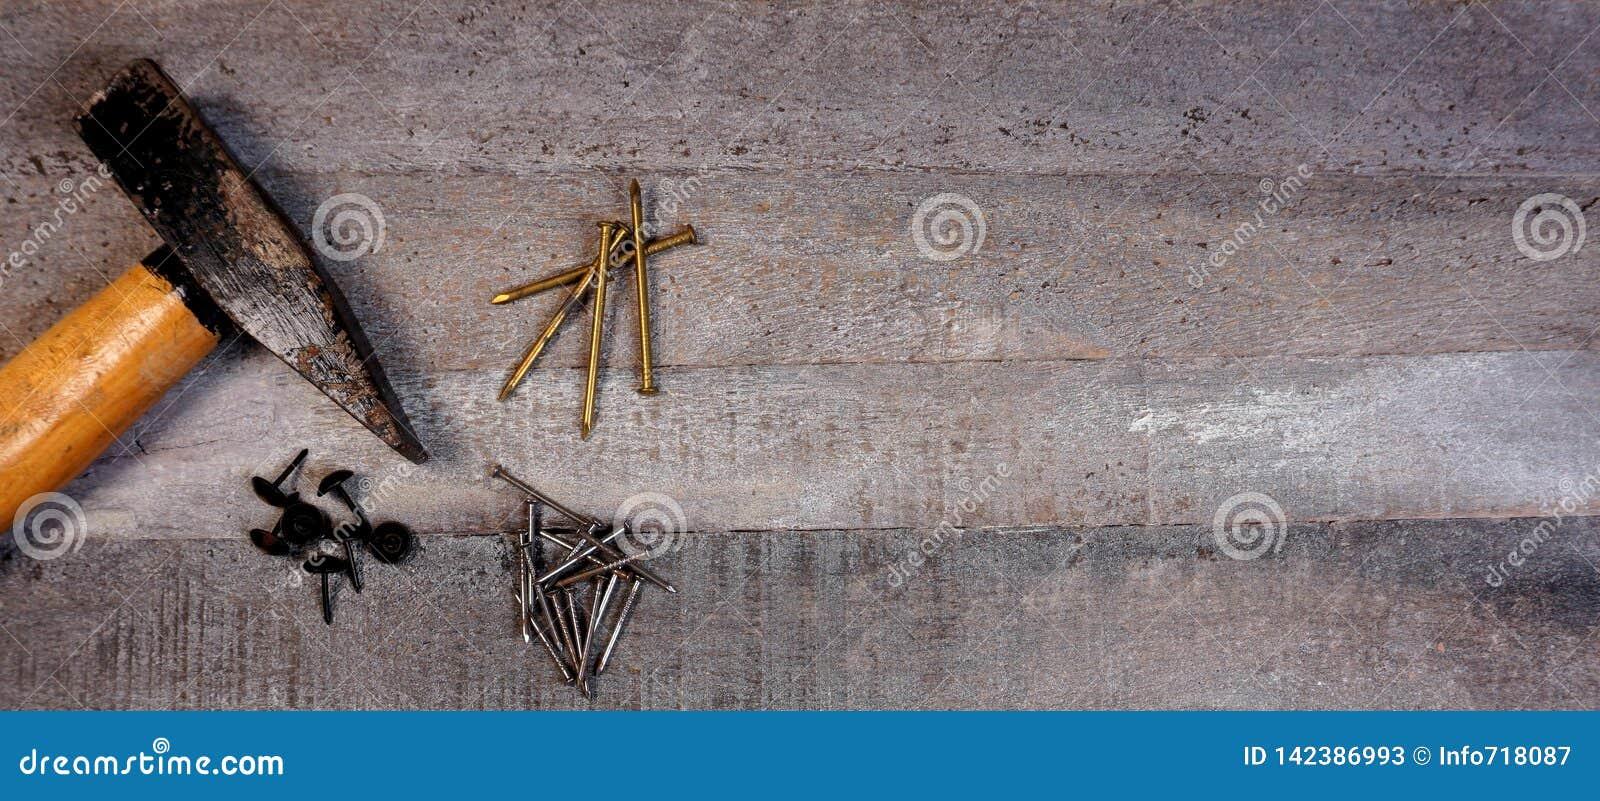 Hammer und Nägel auf natürlichem hölzernem Hintergrund mit Kopienraum für Ihren eigenen Text